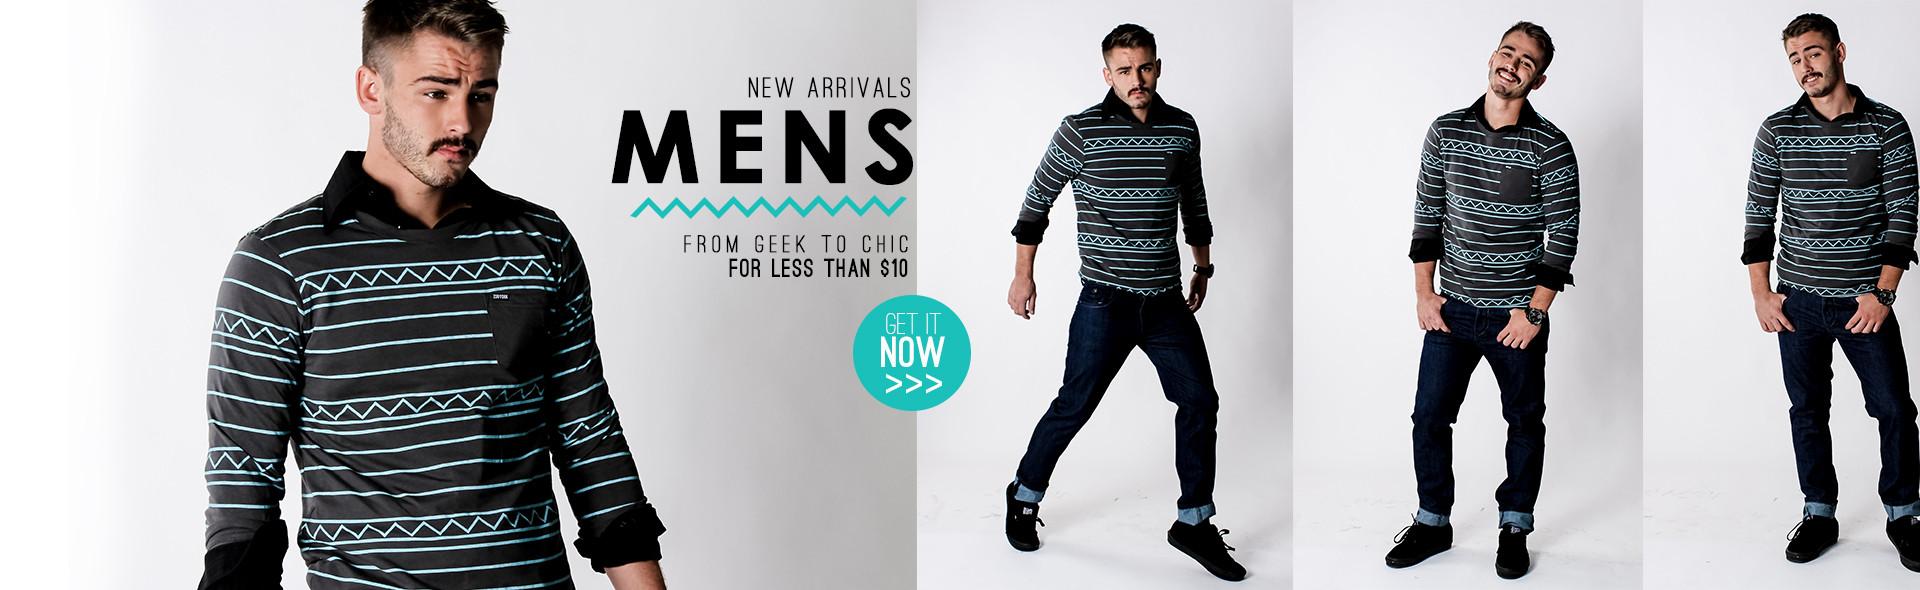 Men's_11_15 .jpg